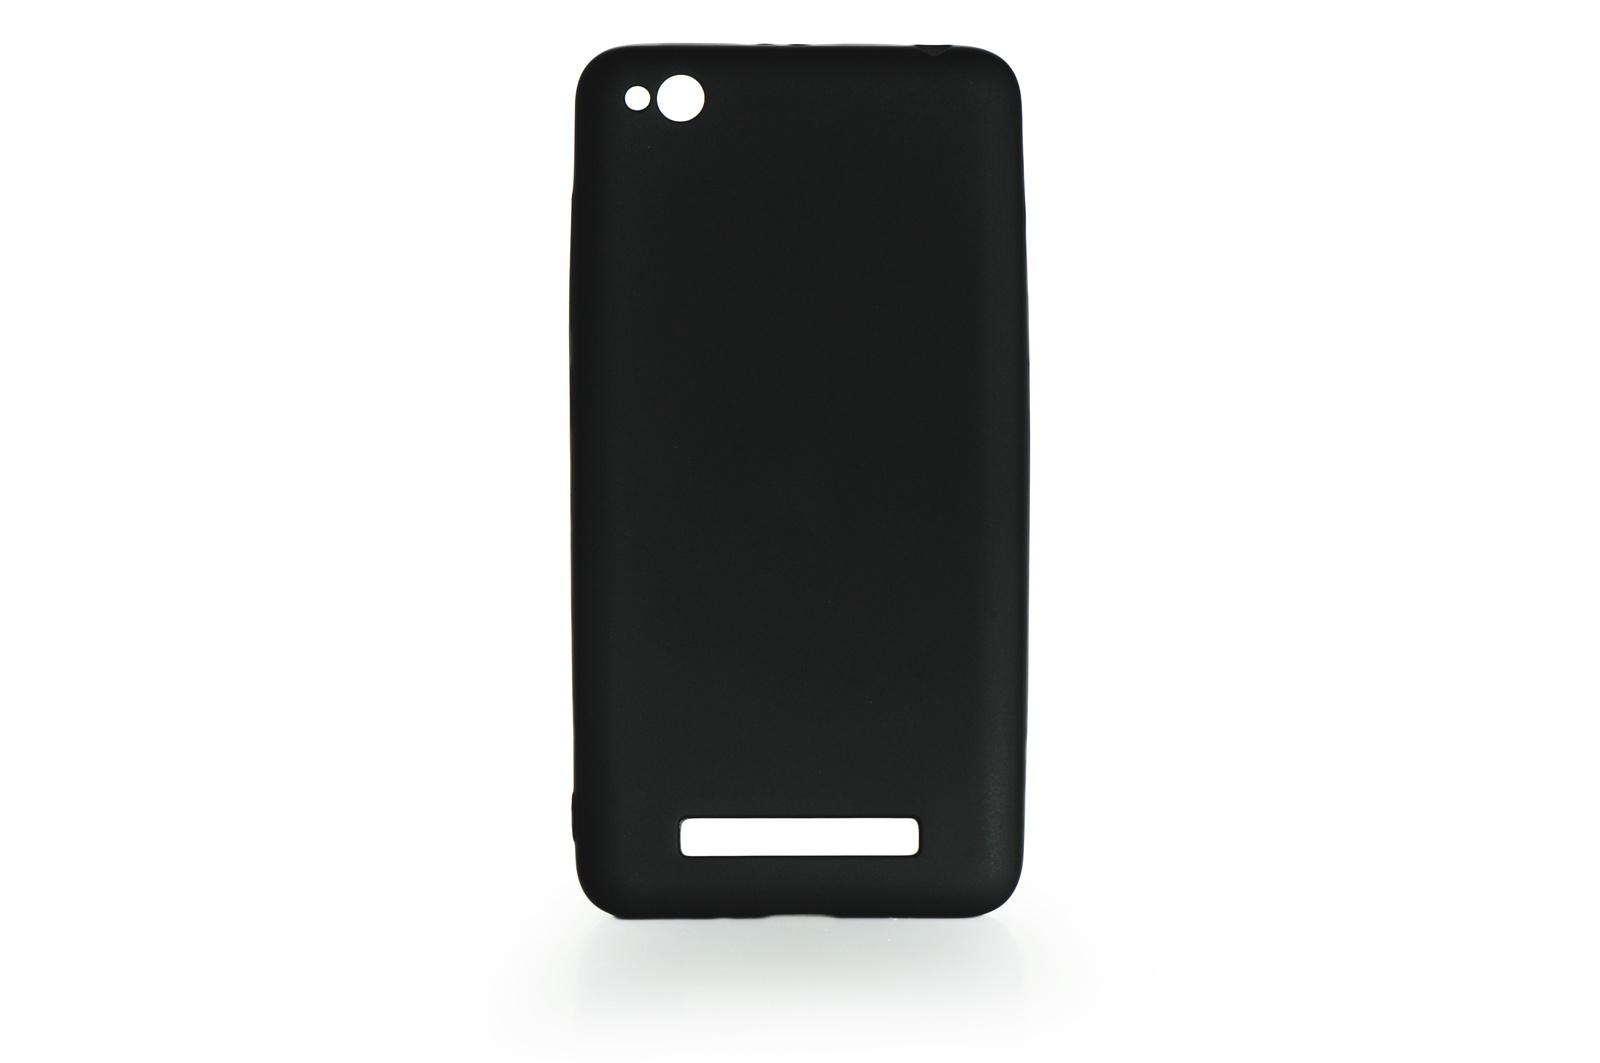 Чехол для сотового телефона Gurdini Чехол накладка силикон Soft Touch для Xiaomi Redmi 4A , 903852, черный